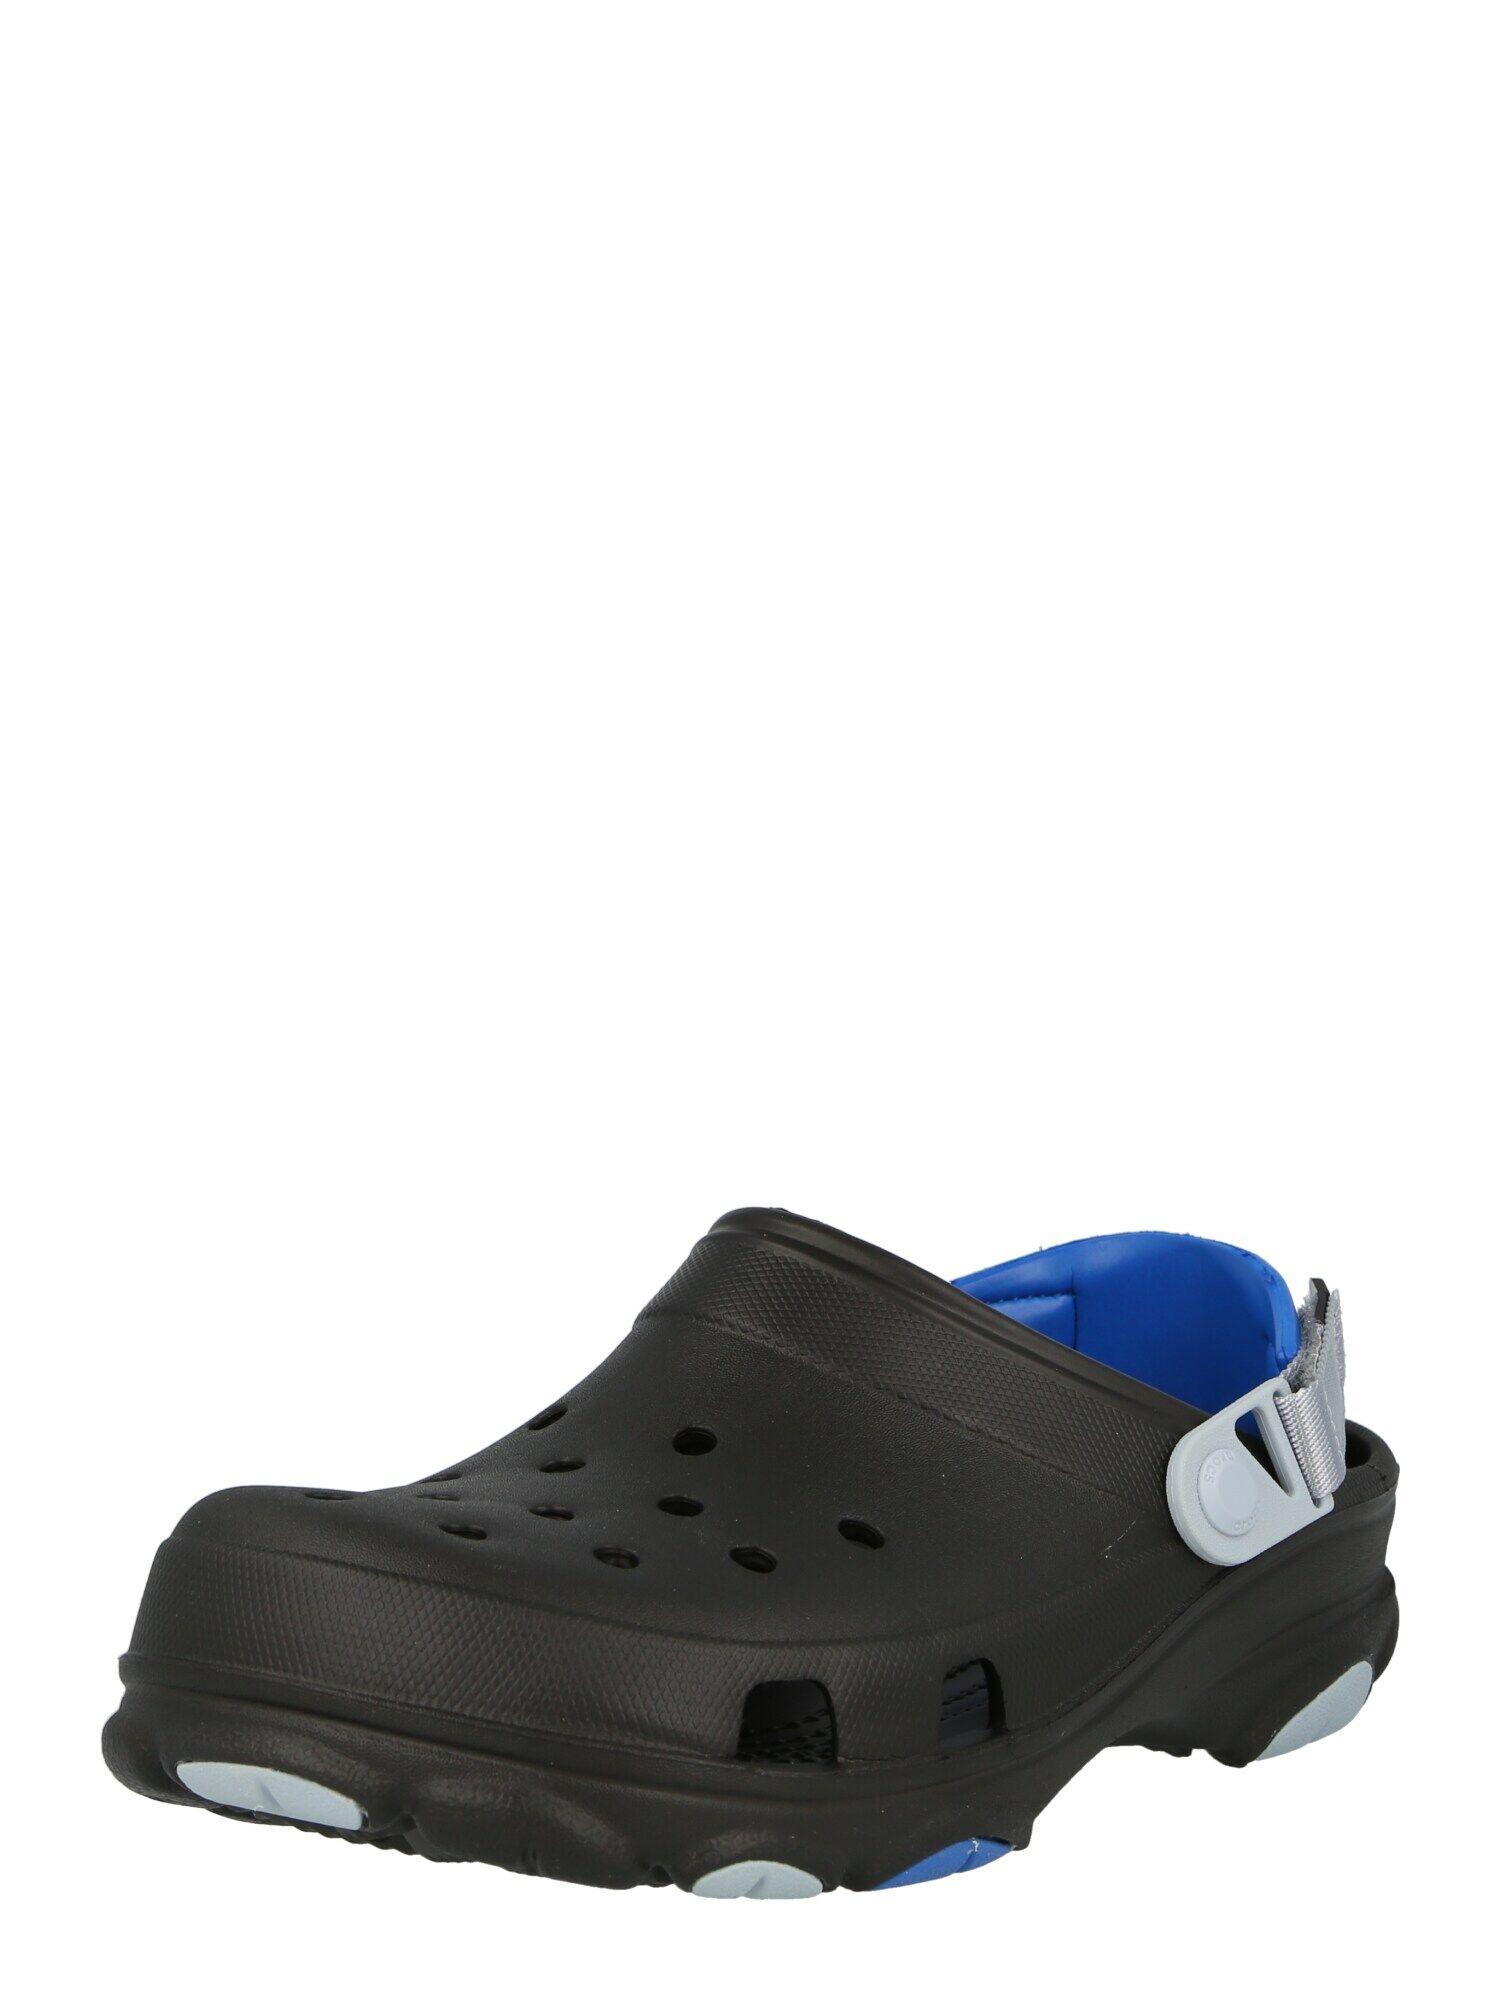 Crocs Sabots  - Noir - Taille: M7W9 - male